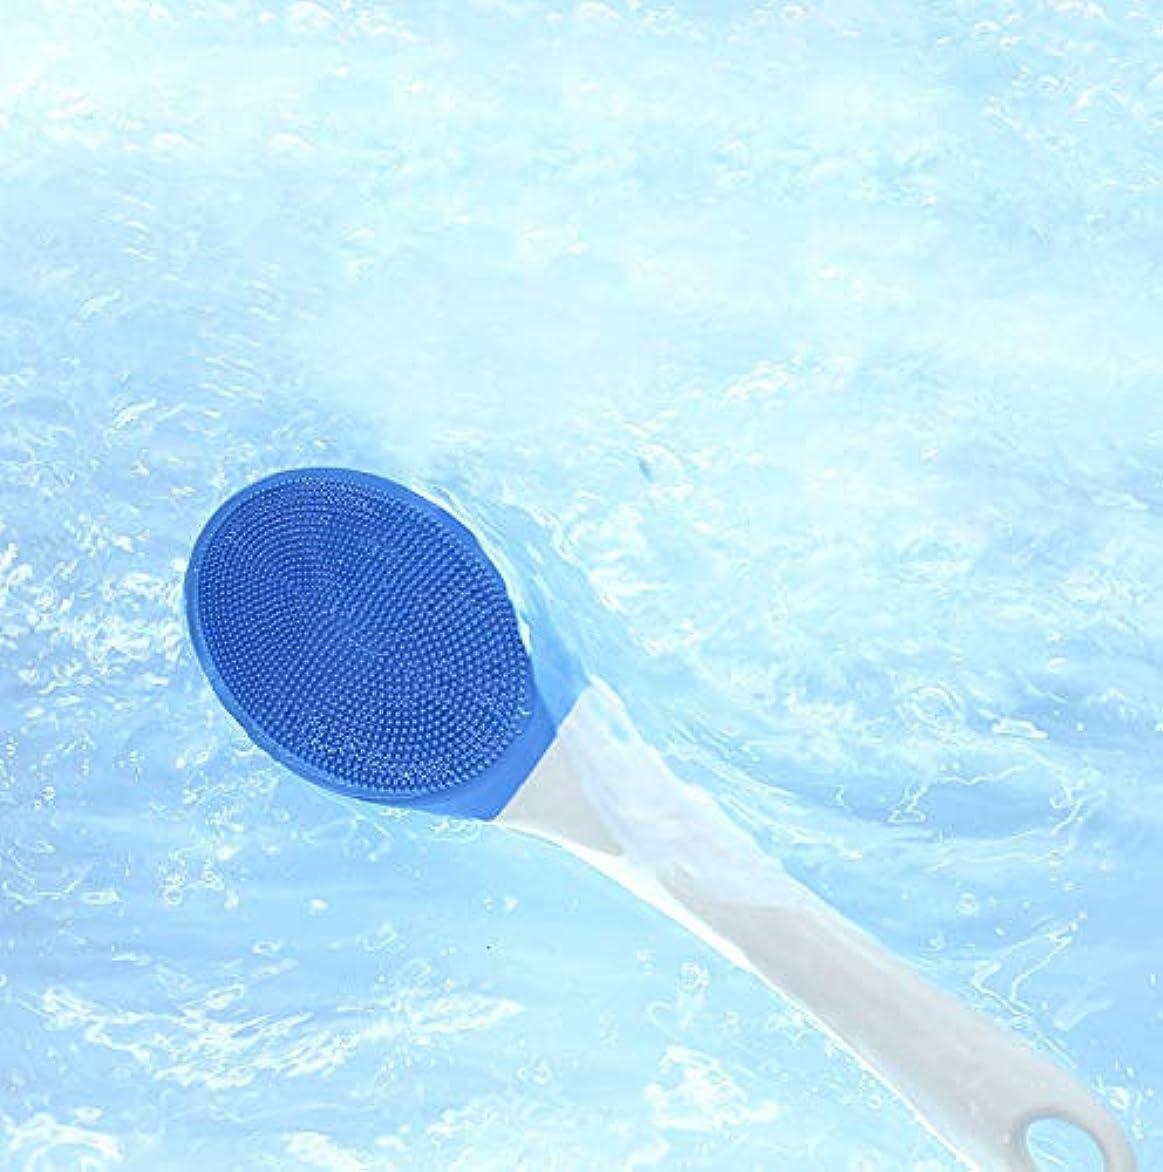 残酷な相関するブラケット電気バスブラシ、防水ボディ、洗顔ブラシロングハンドルソニック電動スクラバーディープクリーニング用3スピード調整可能なパルス振動,Blue